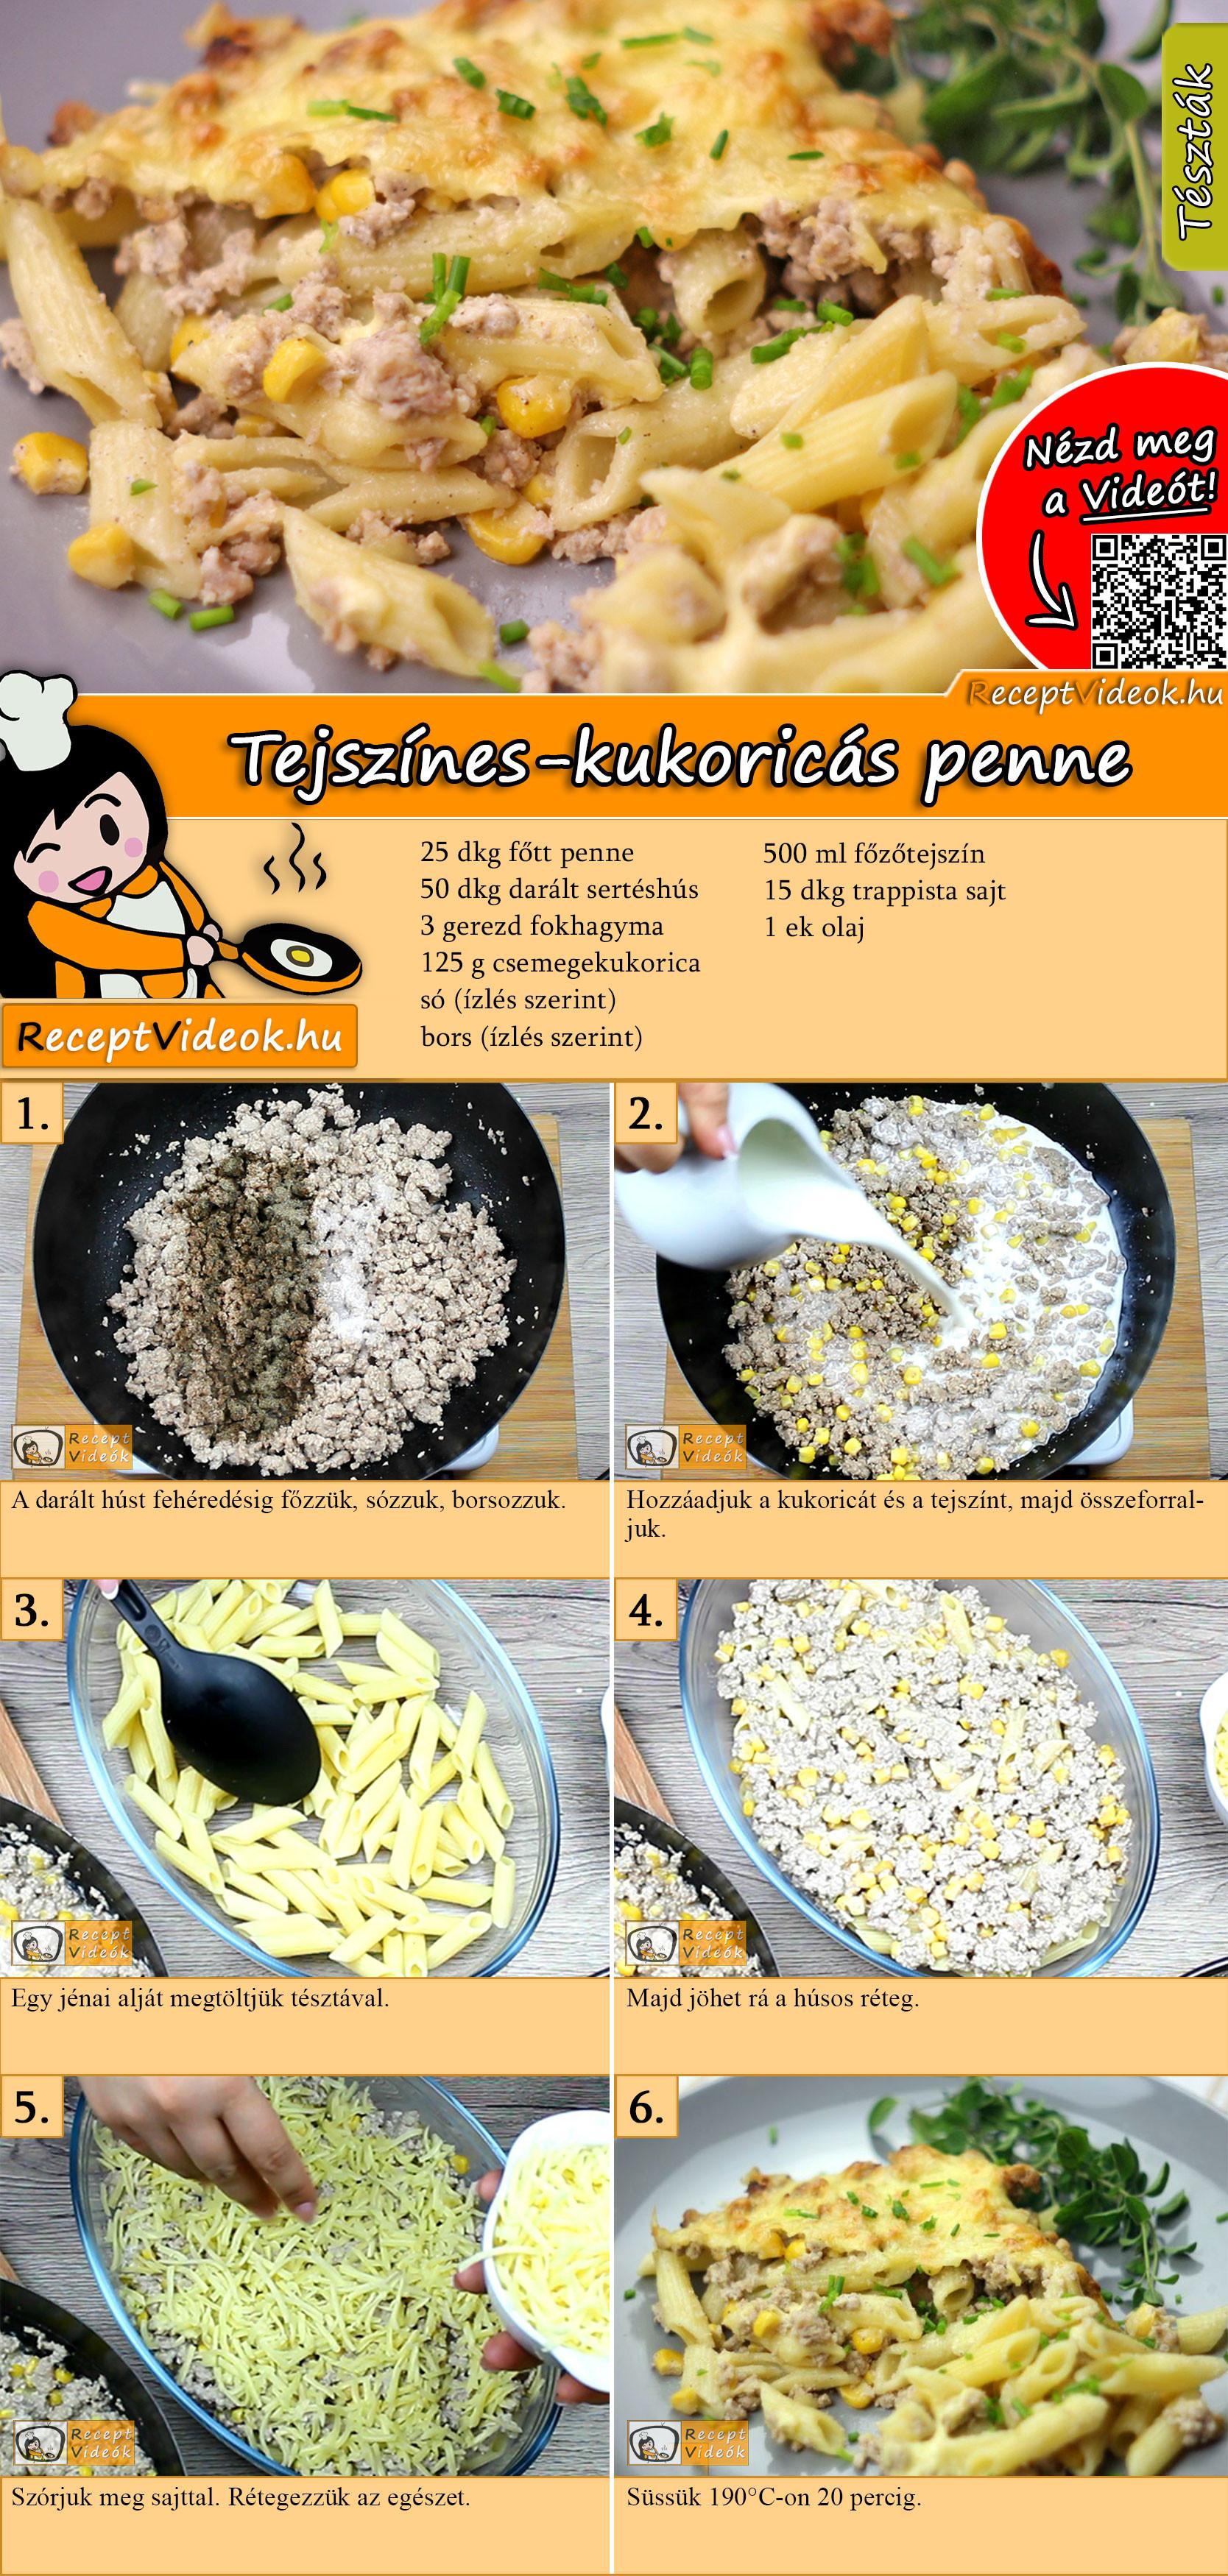 Tejszínes-kukoricás penne recept elkészítése videóval